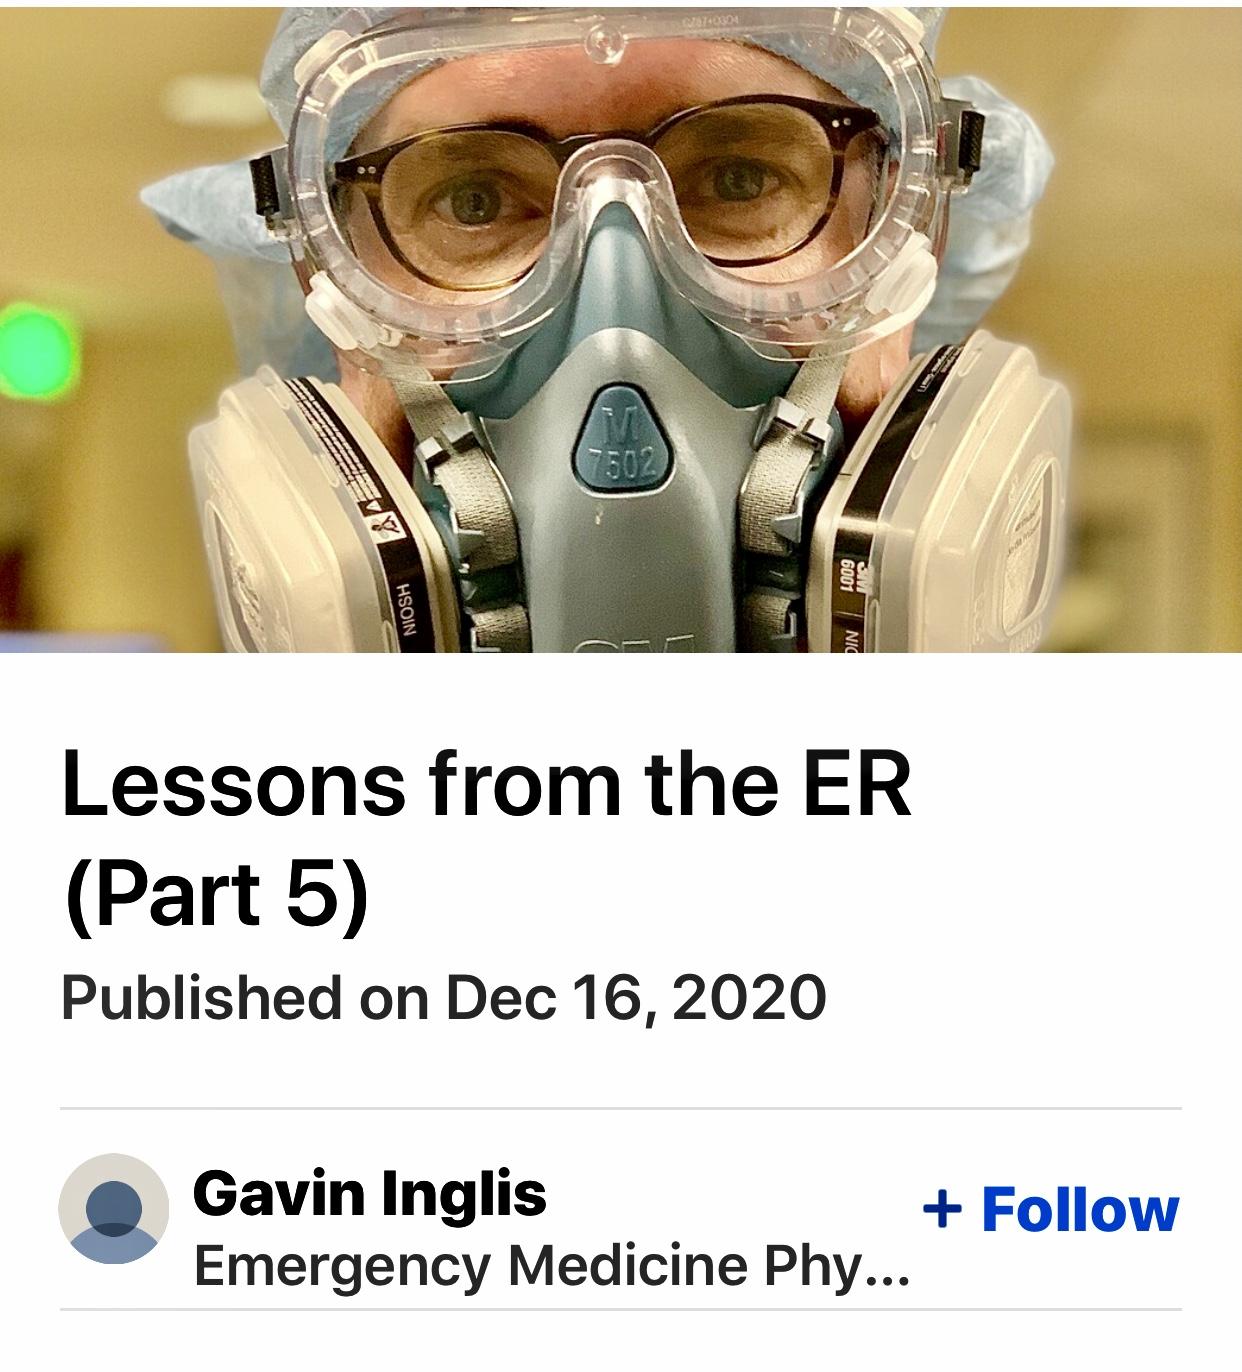 Lessons from the ER – Coronavirus Update 5